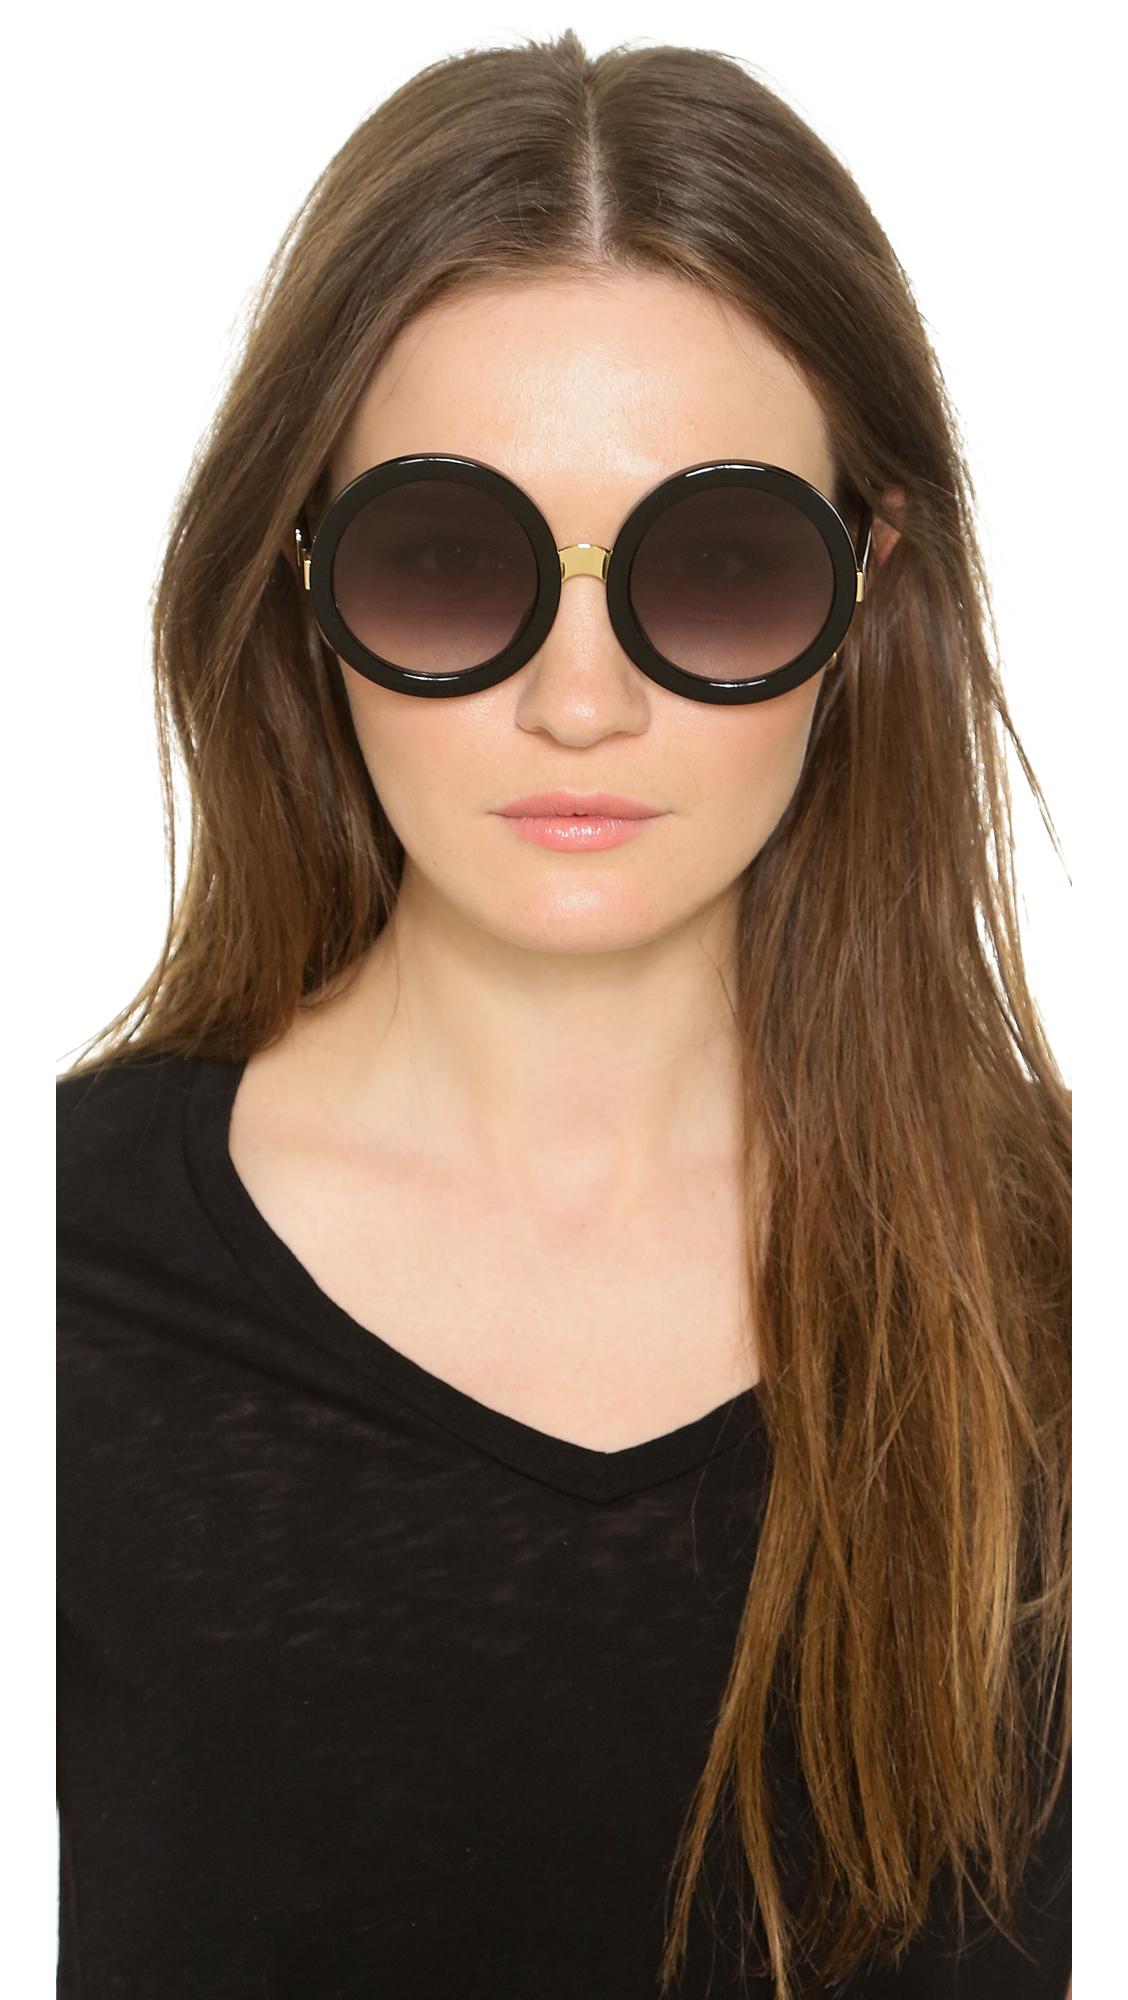 b5fe8d41d0 ... Wildfox Sunglasses